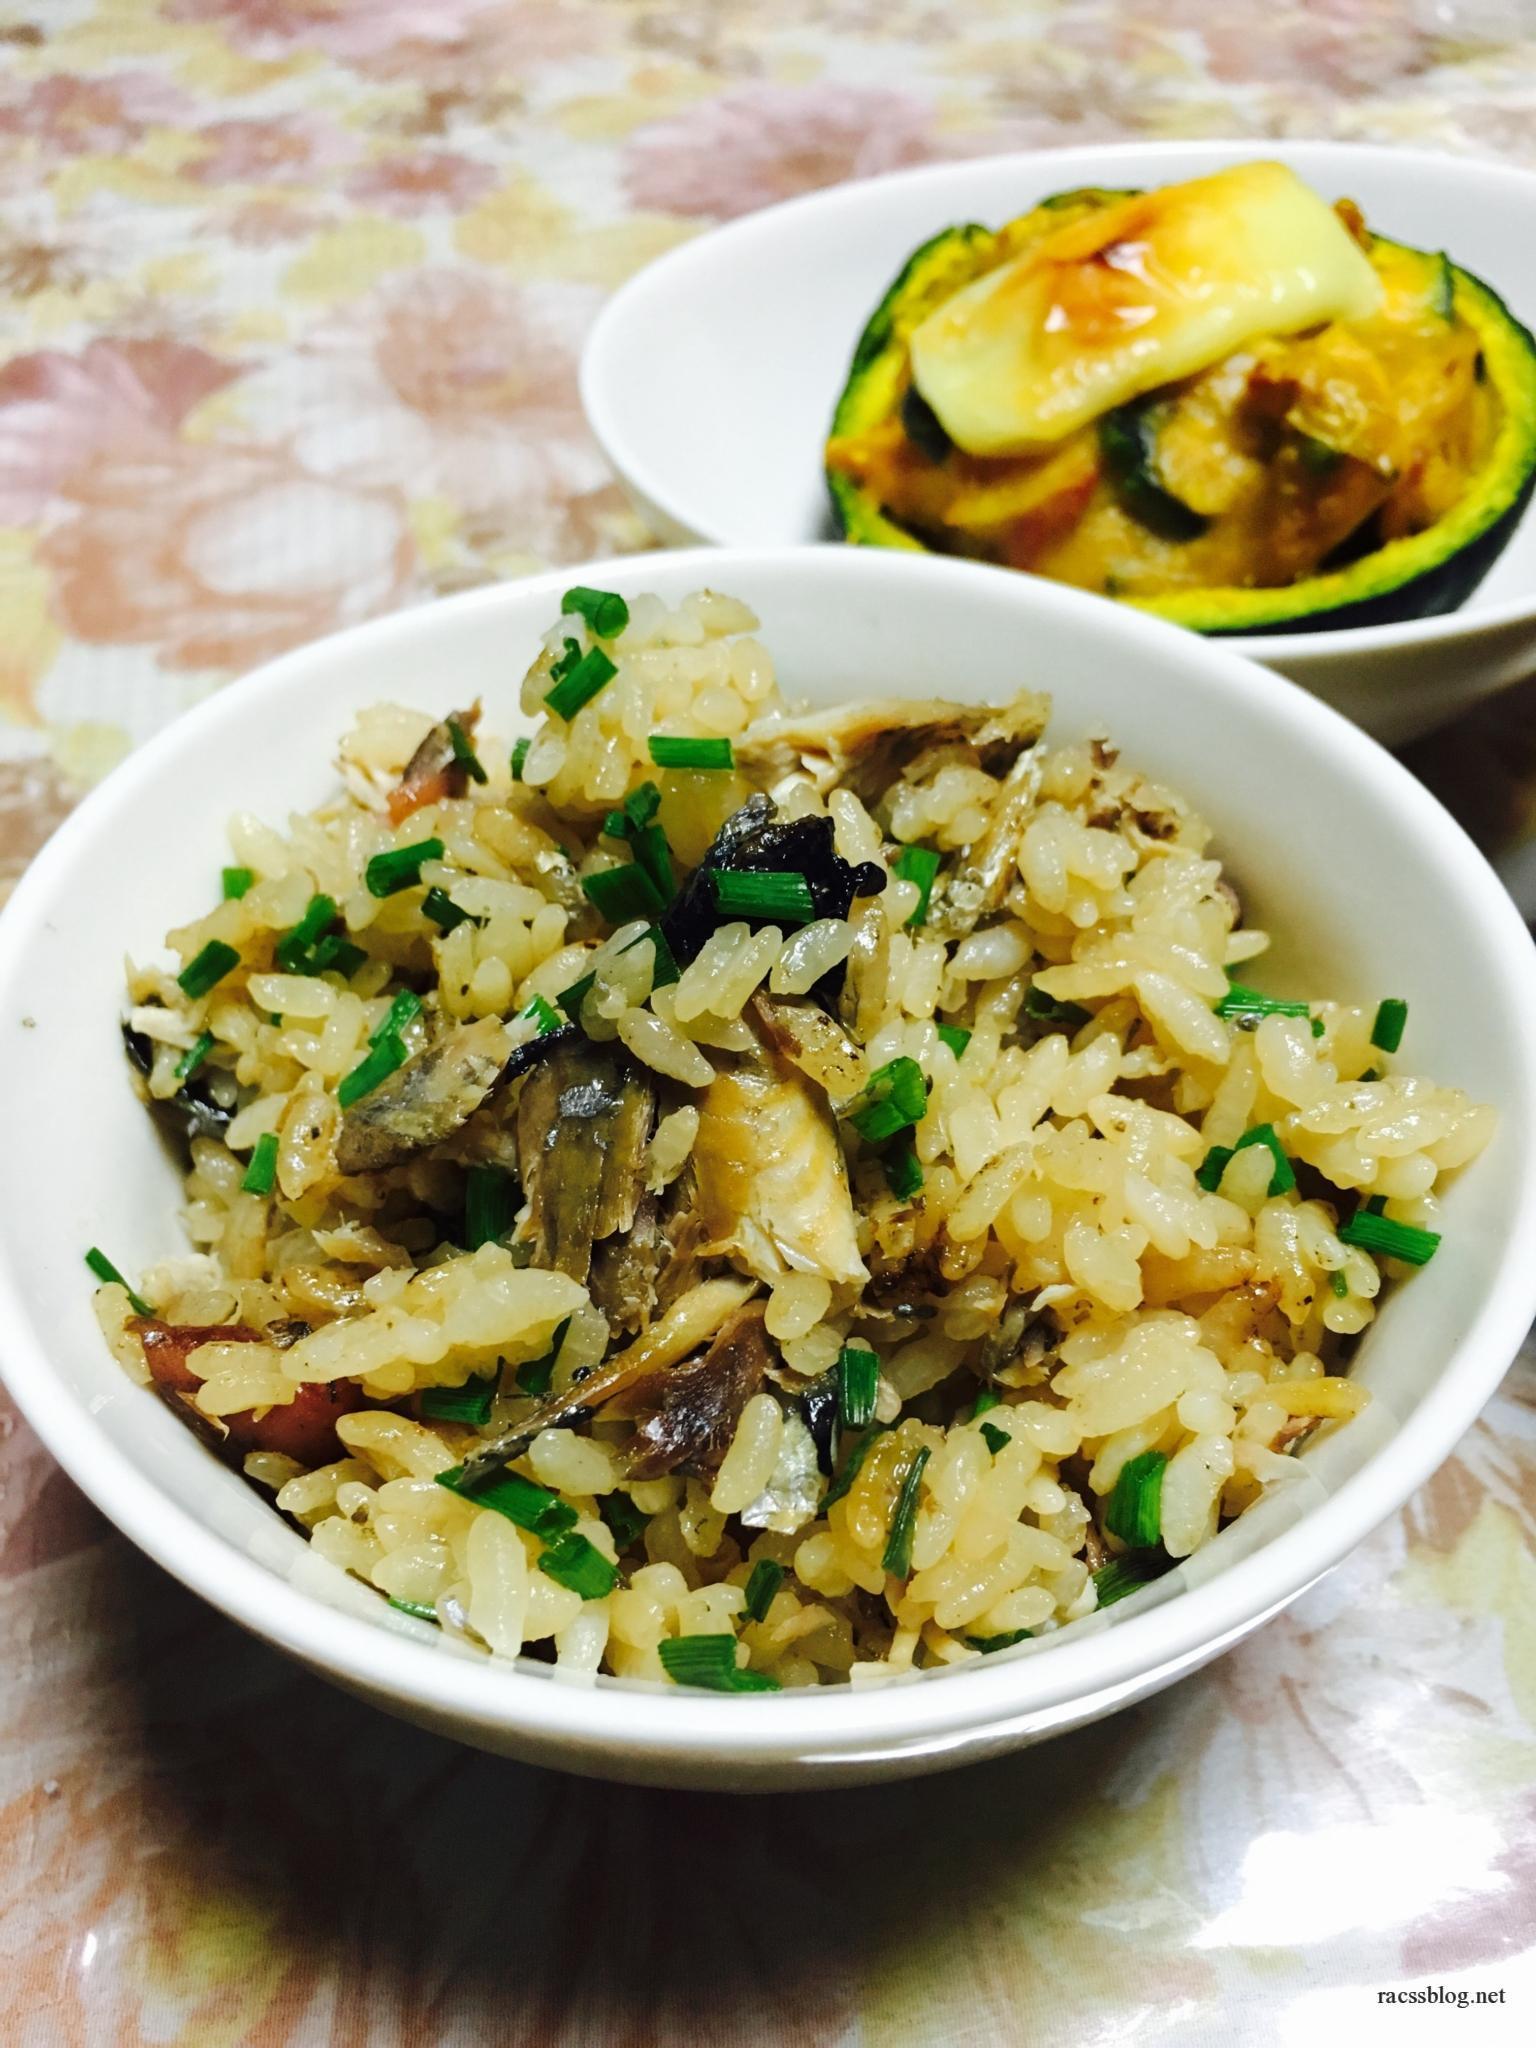 季節の炊き込みご飯を土鍋で炊く方法とメリットとは?「はじめちょろちょろ」の歌詞のとおりでした